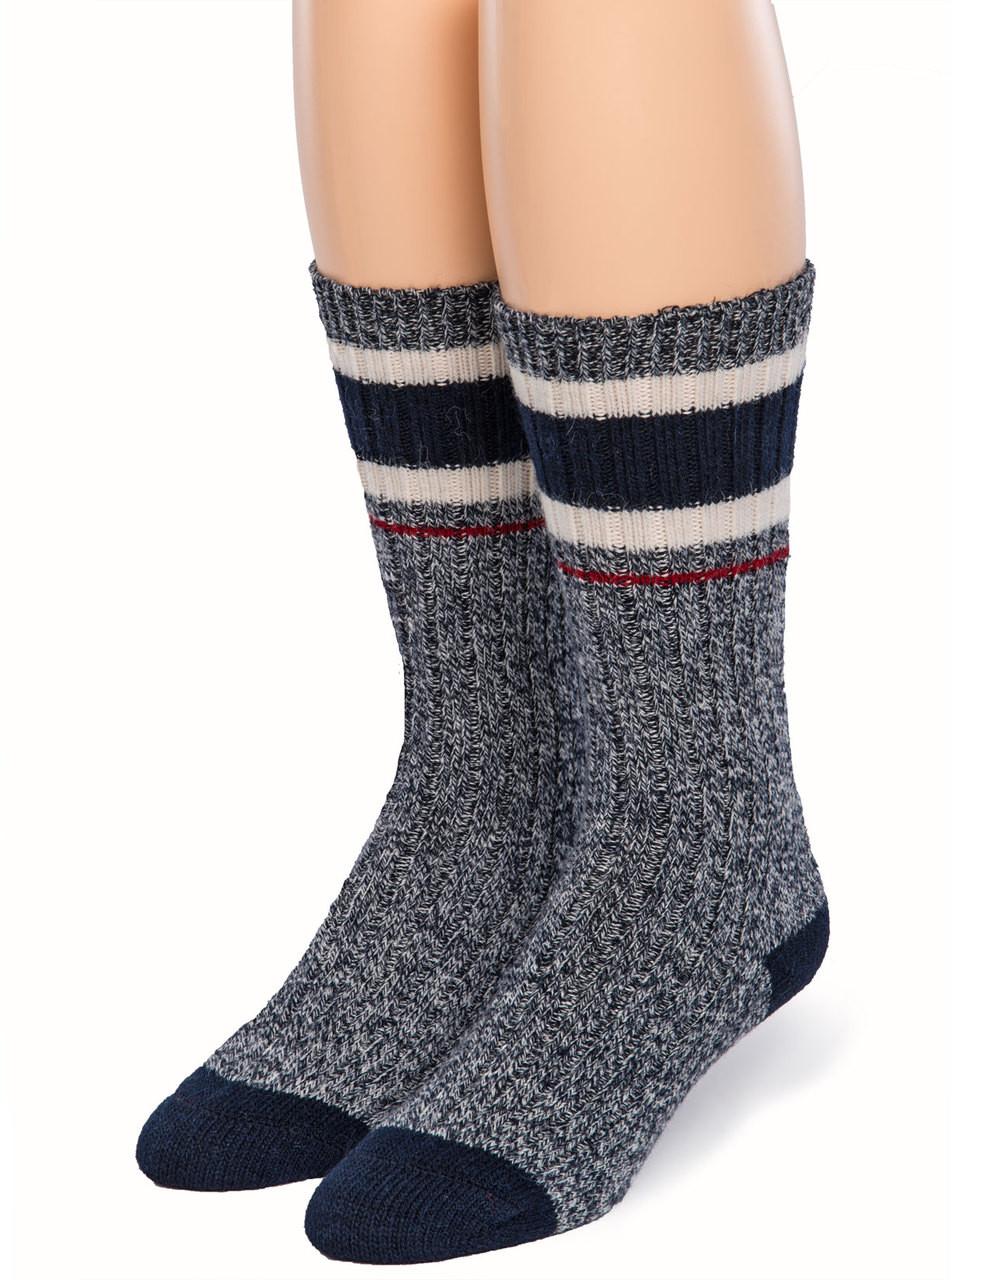 Old School Vintage Retro Crew Tube Socks BlackRed Striped socks